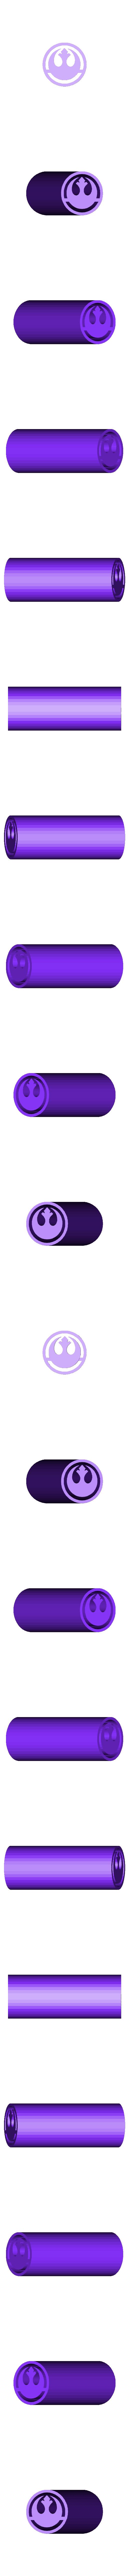 Star wars.STL Télécharger fichier STL 36 CONSEILS SUR LES FILTRES À MAUVAISES HERBES VOL.1+2+3+4 • Design pour impression 3D, SnakeCreations